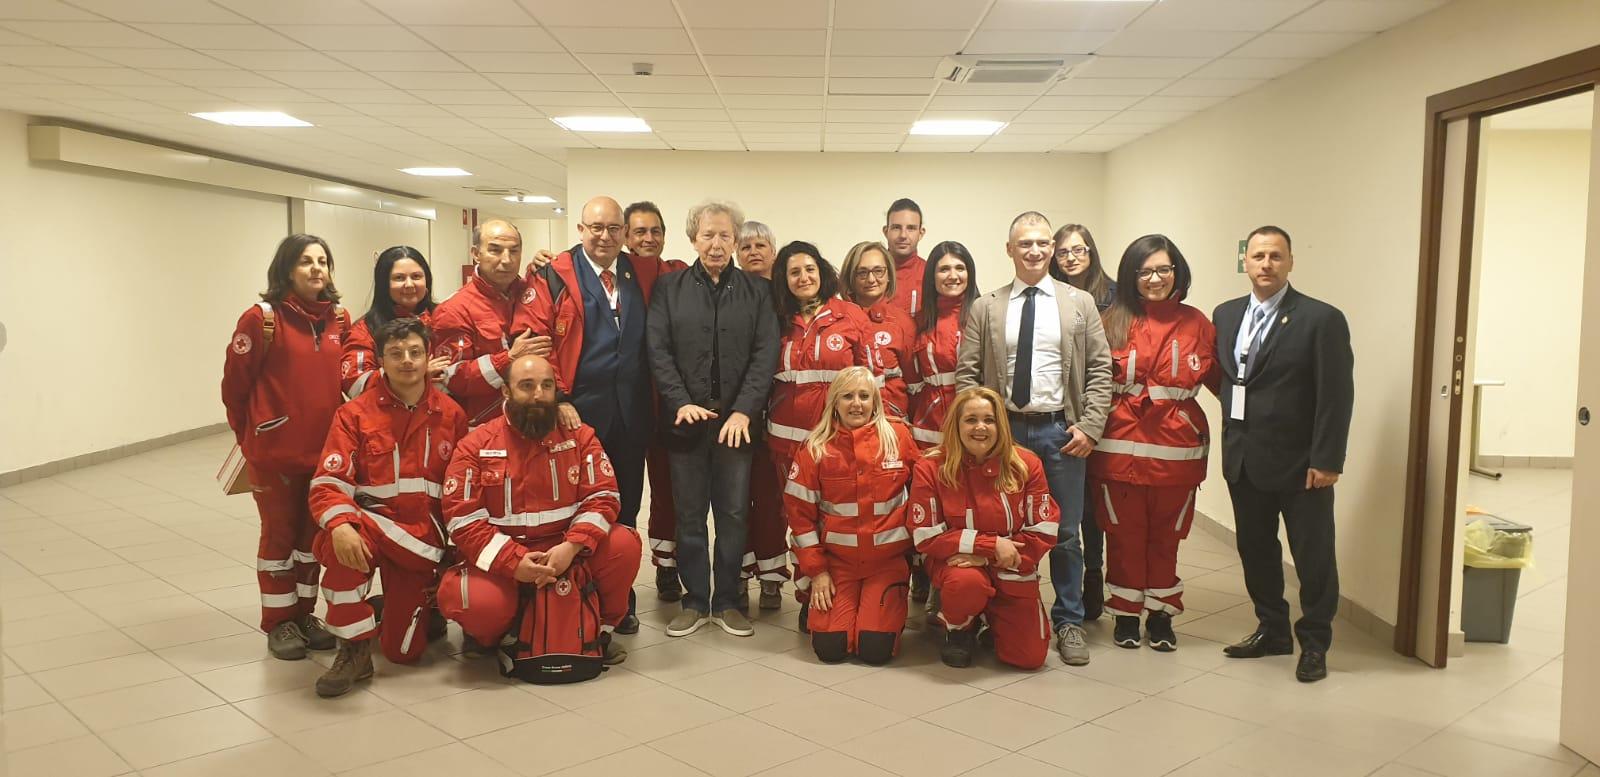 La Croce Rossa Molise ricorda i 150 anni dalla nascita dell'associazione.